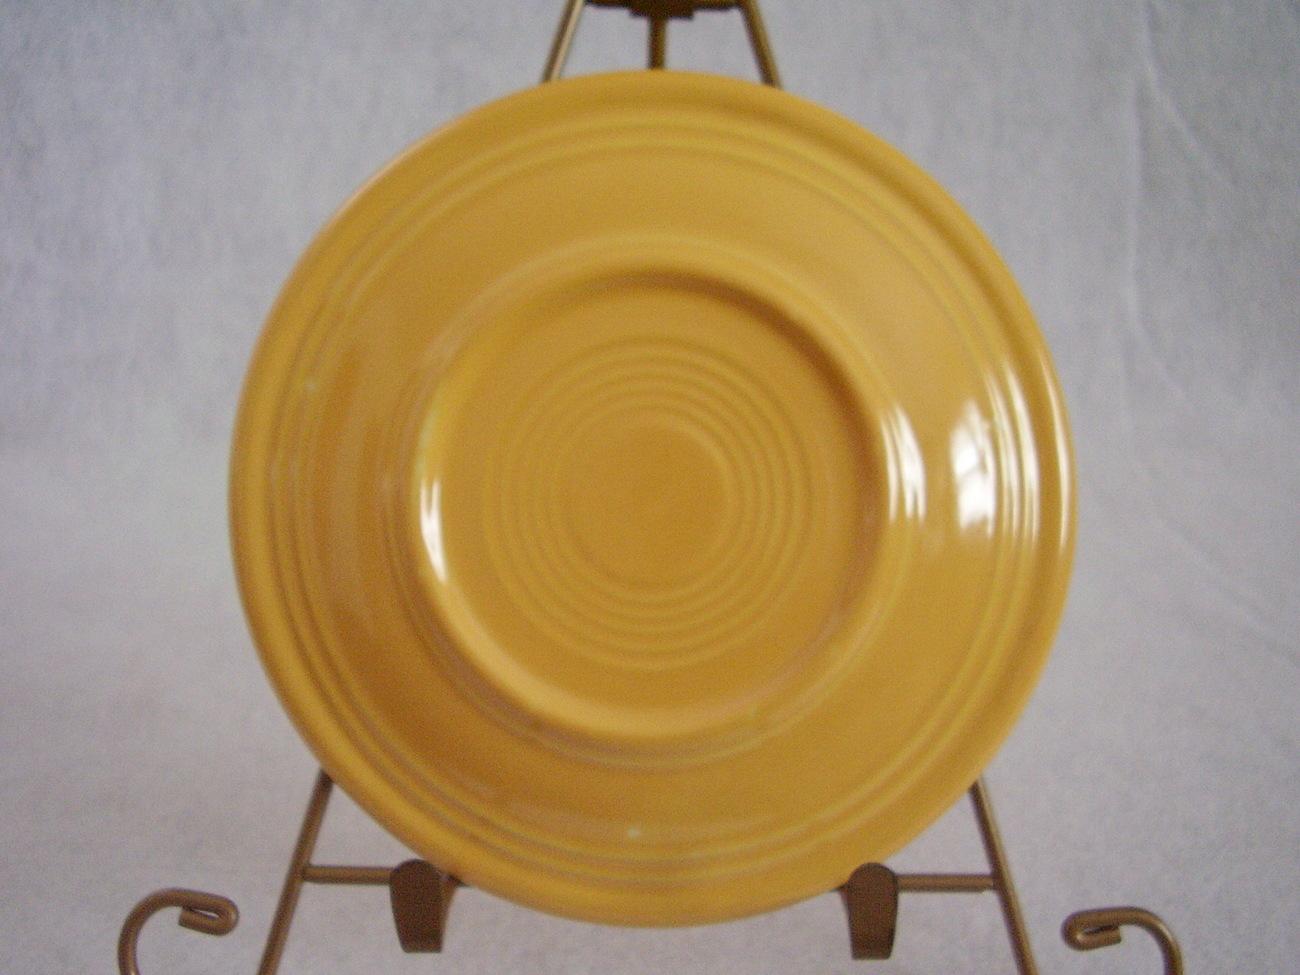 Vintage Fiestaware Yellow Bread Butter Plate Fiesta  C